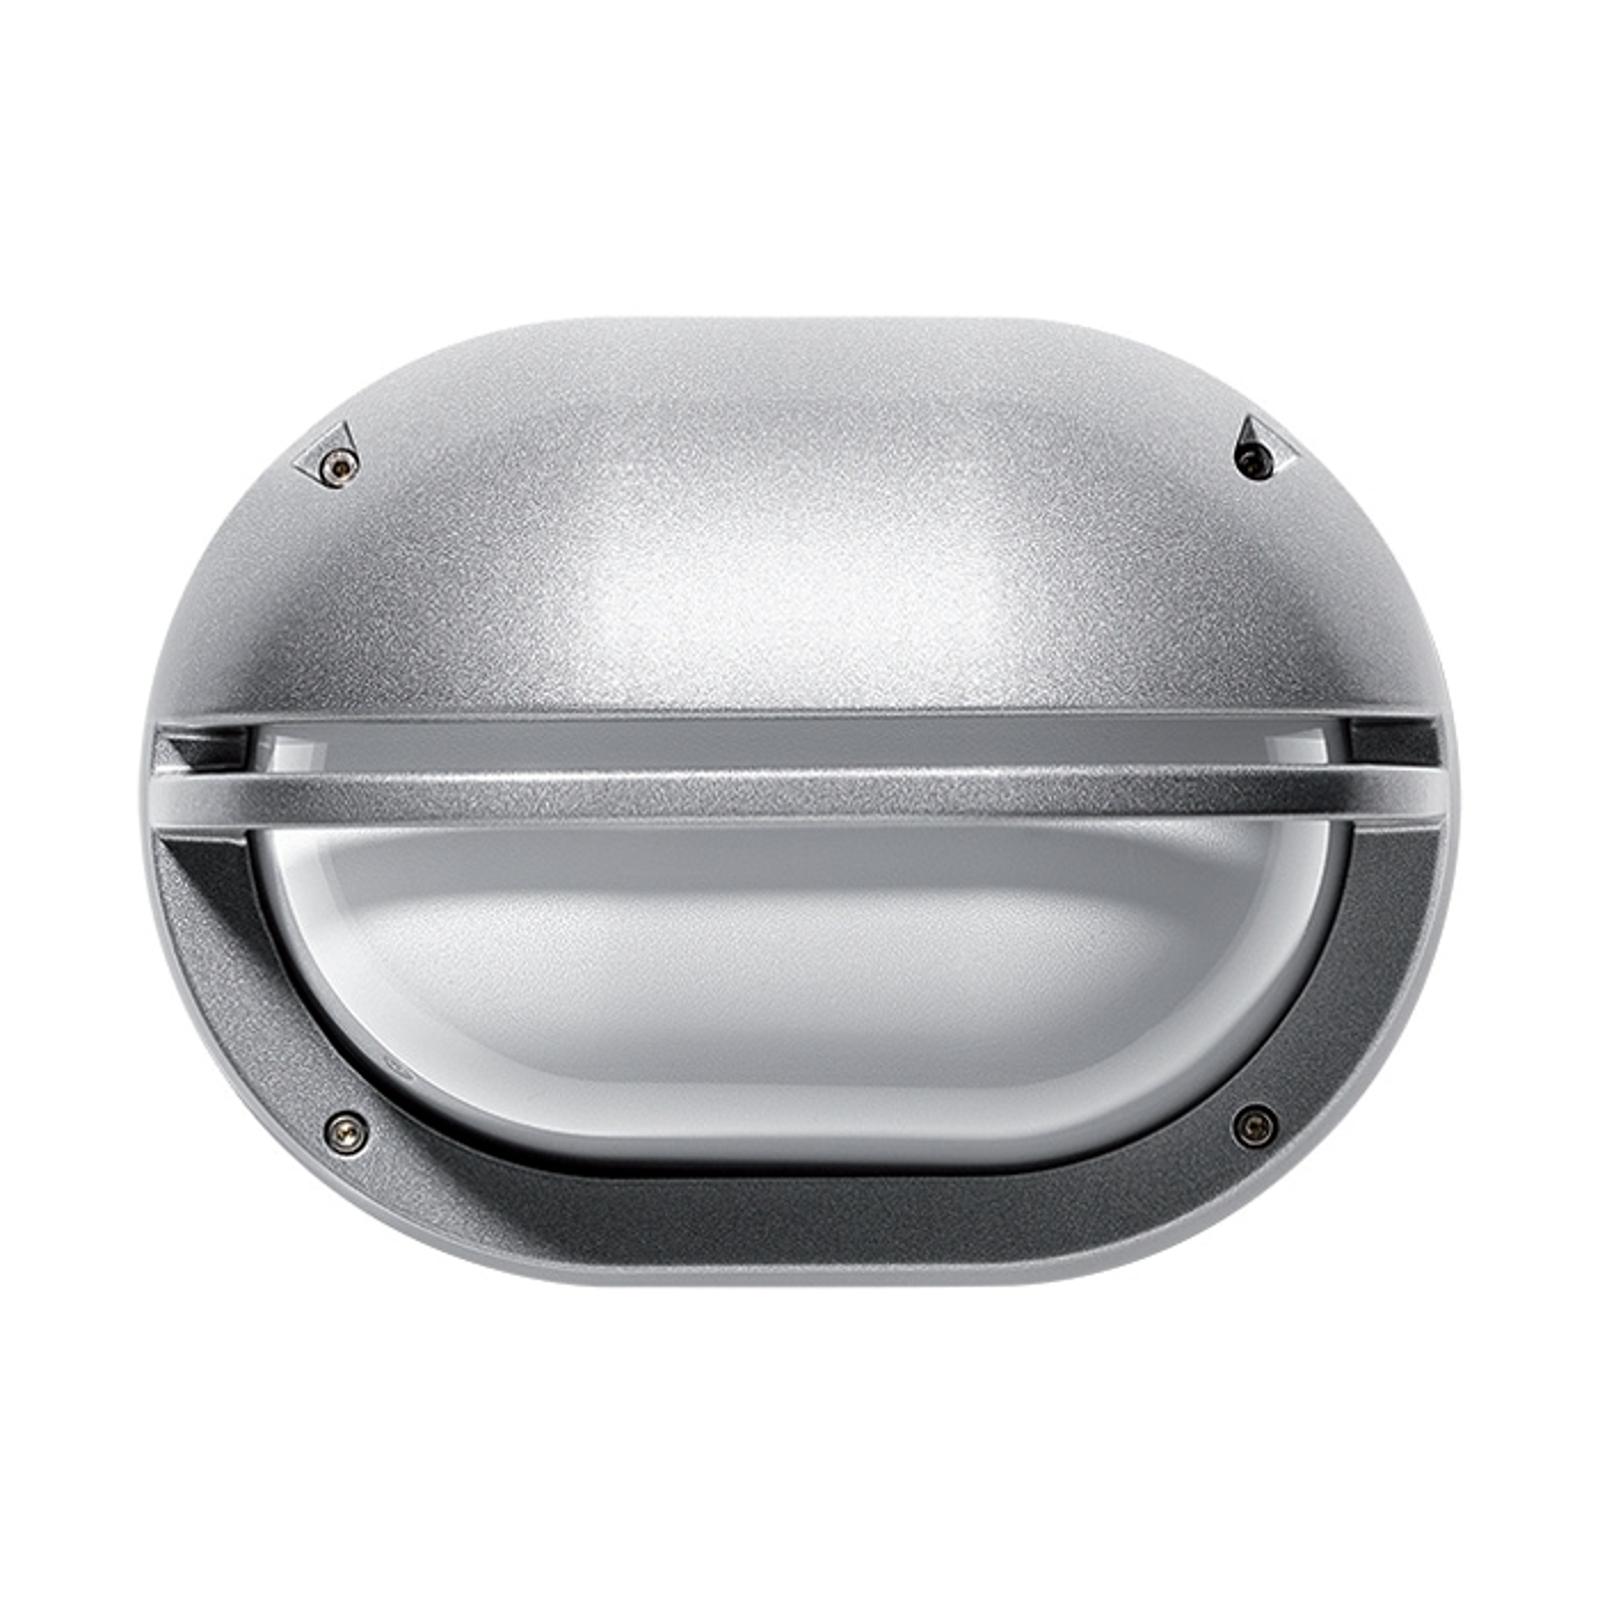 Buitenwandlamp EKO met paneel, grijs